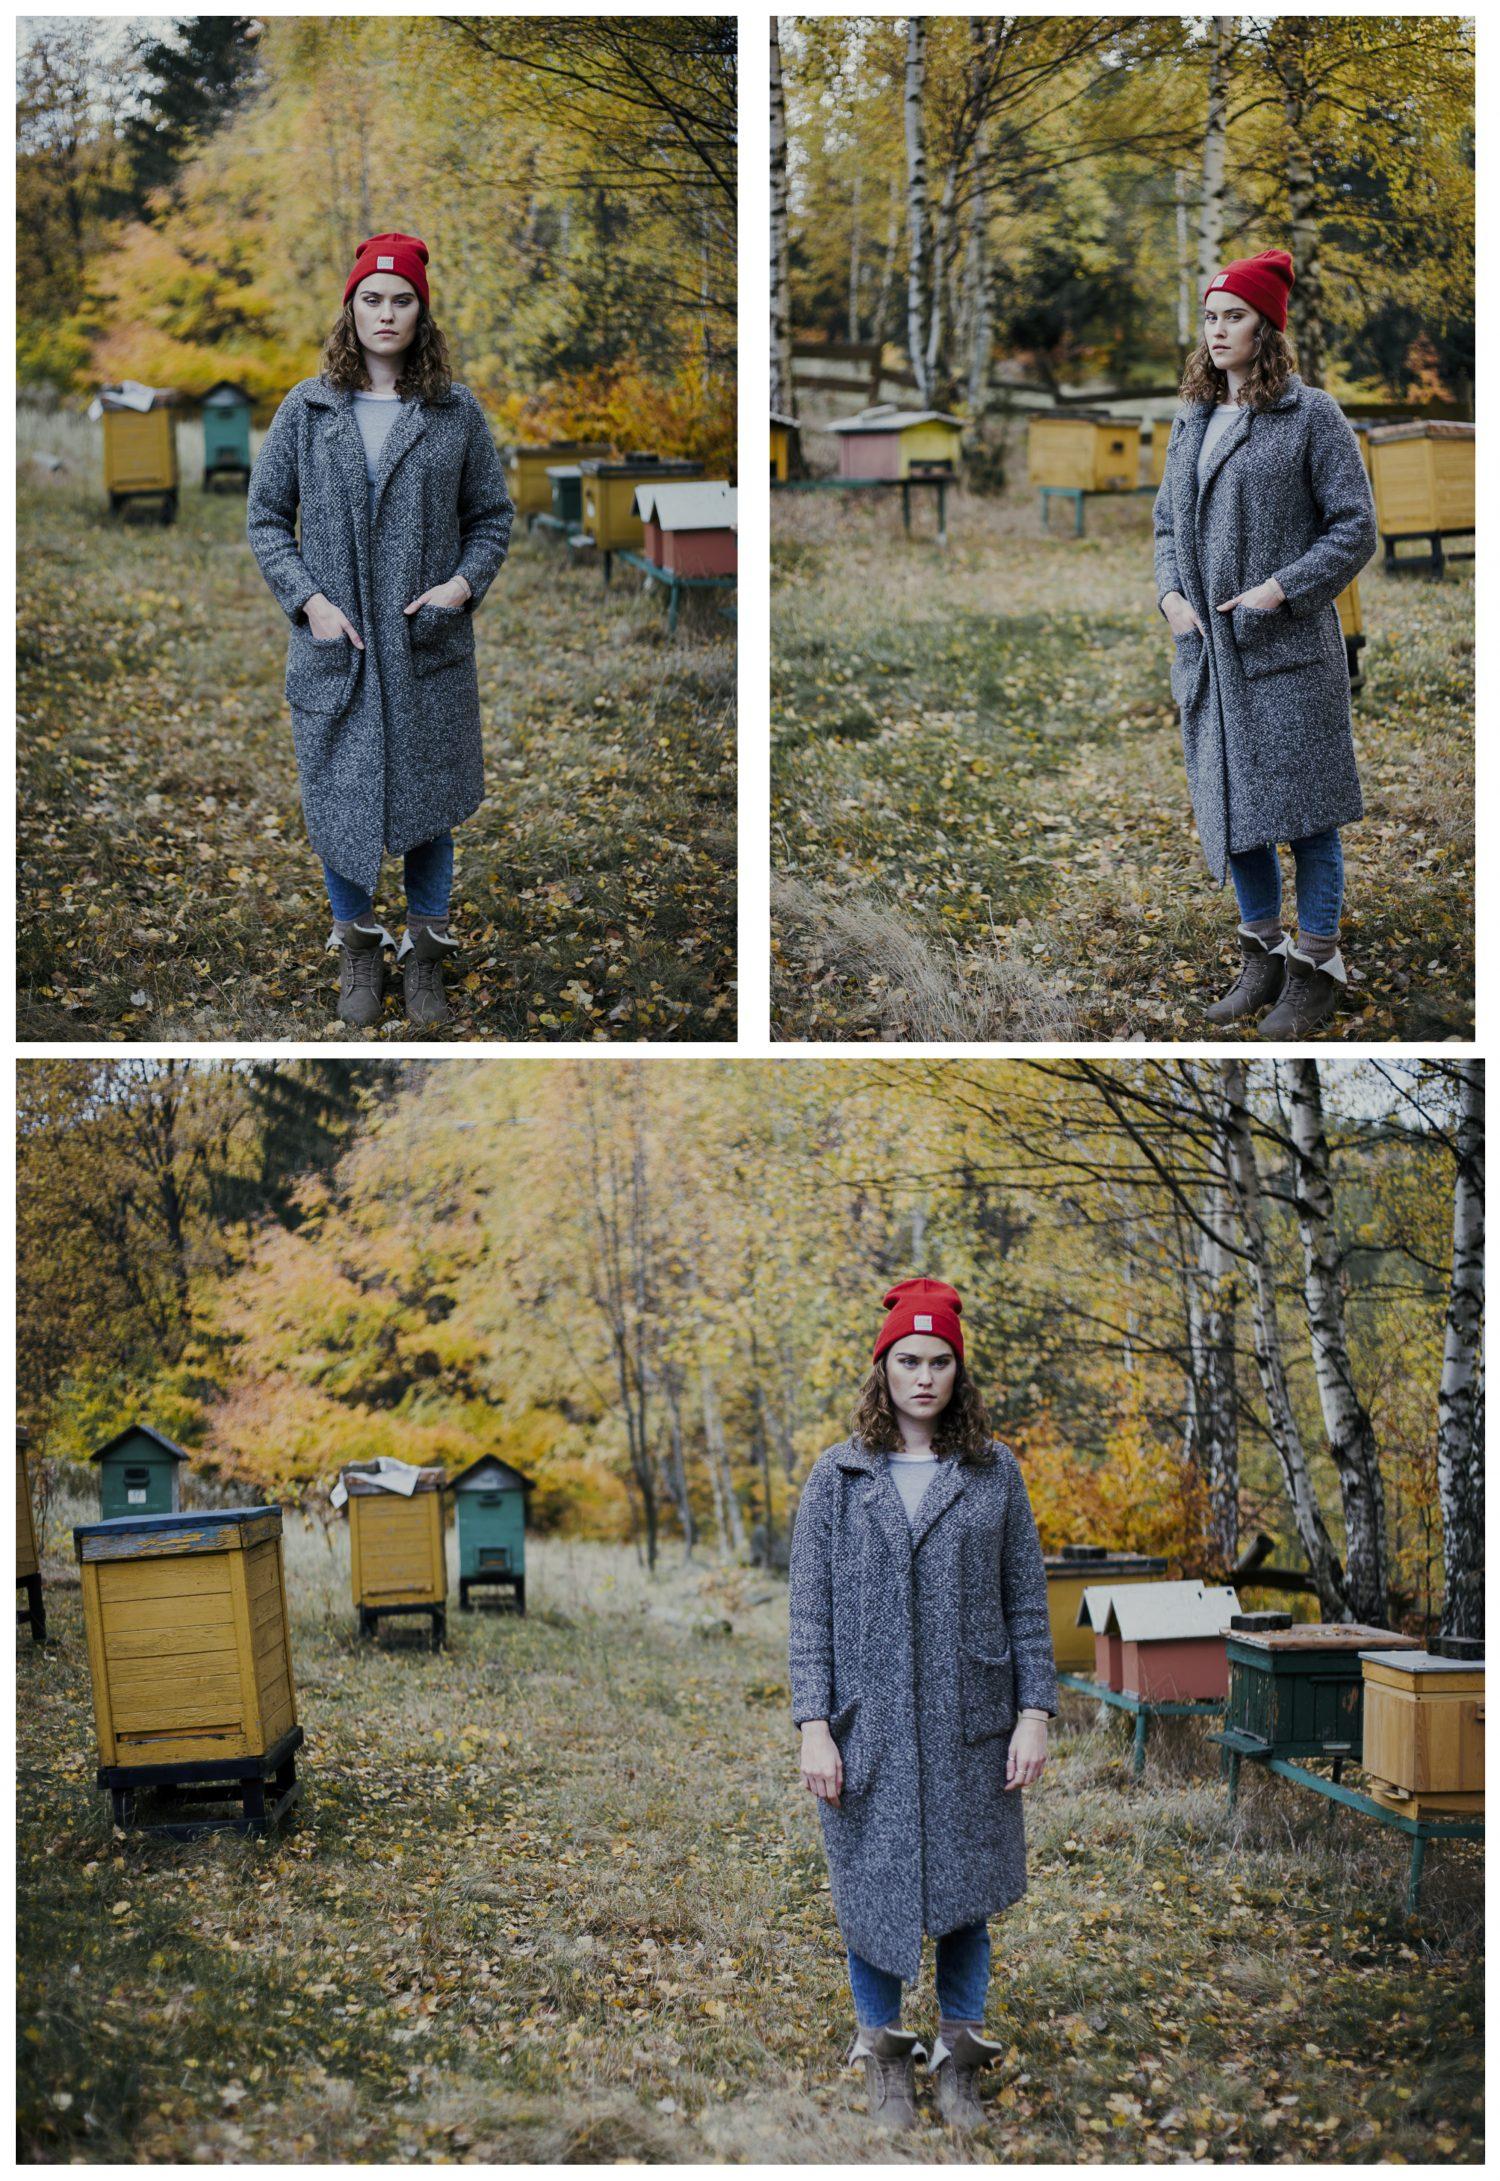 studio kreatywne lanuka sesja modowa 17 e1485959271839 <h2>Sesja modowa   pierwsze podejście do tematu fashion</h2>